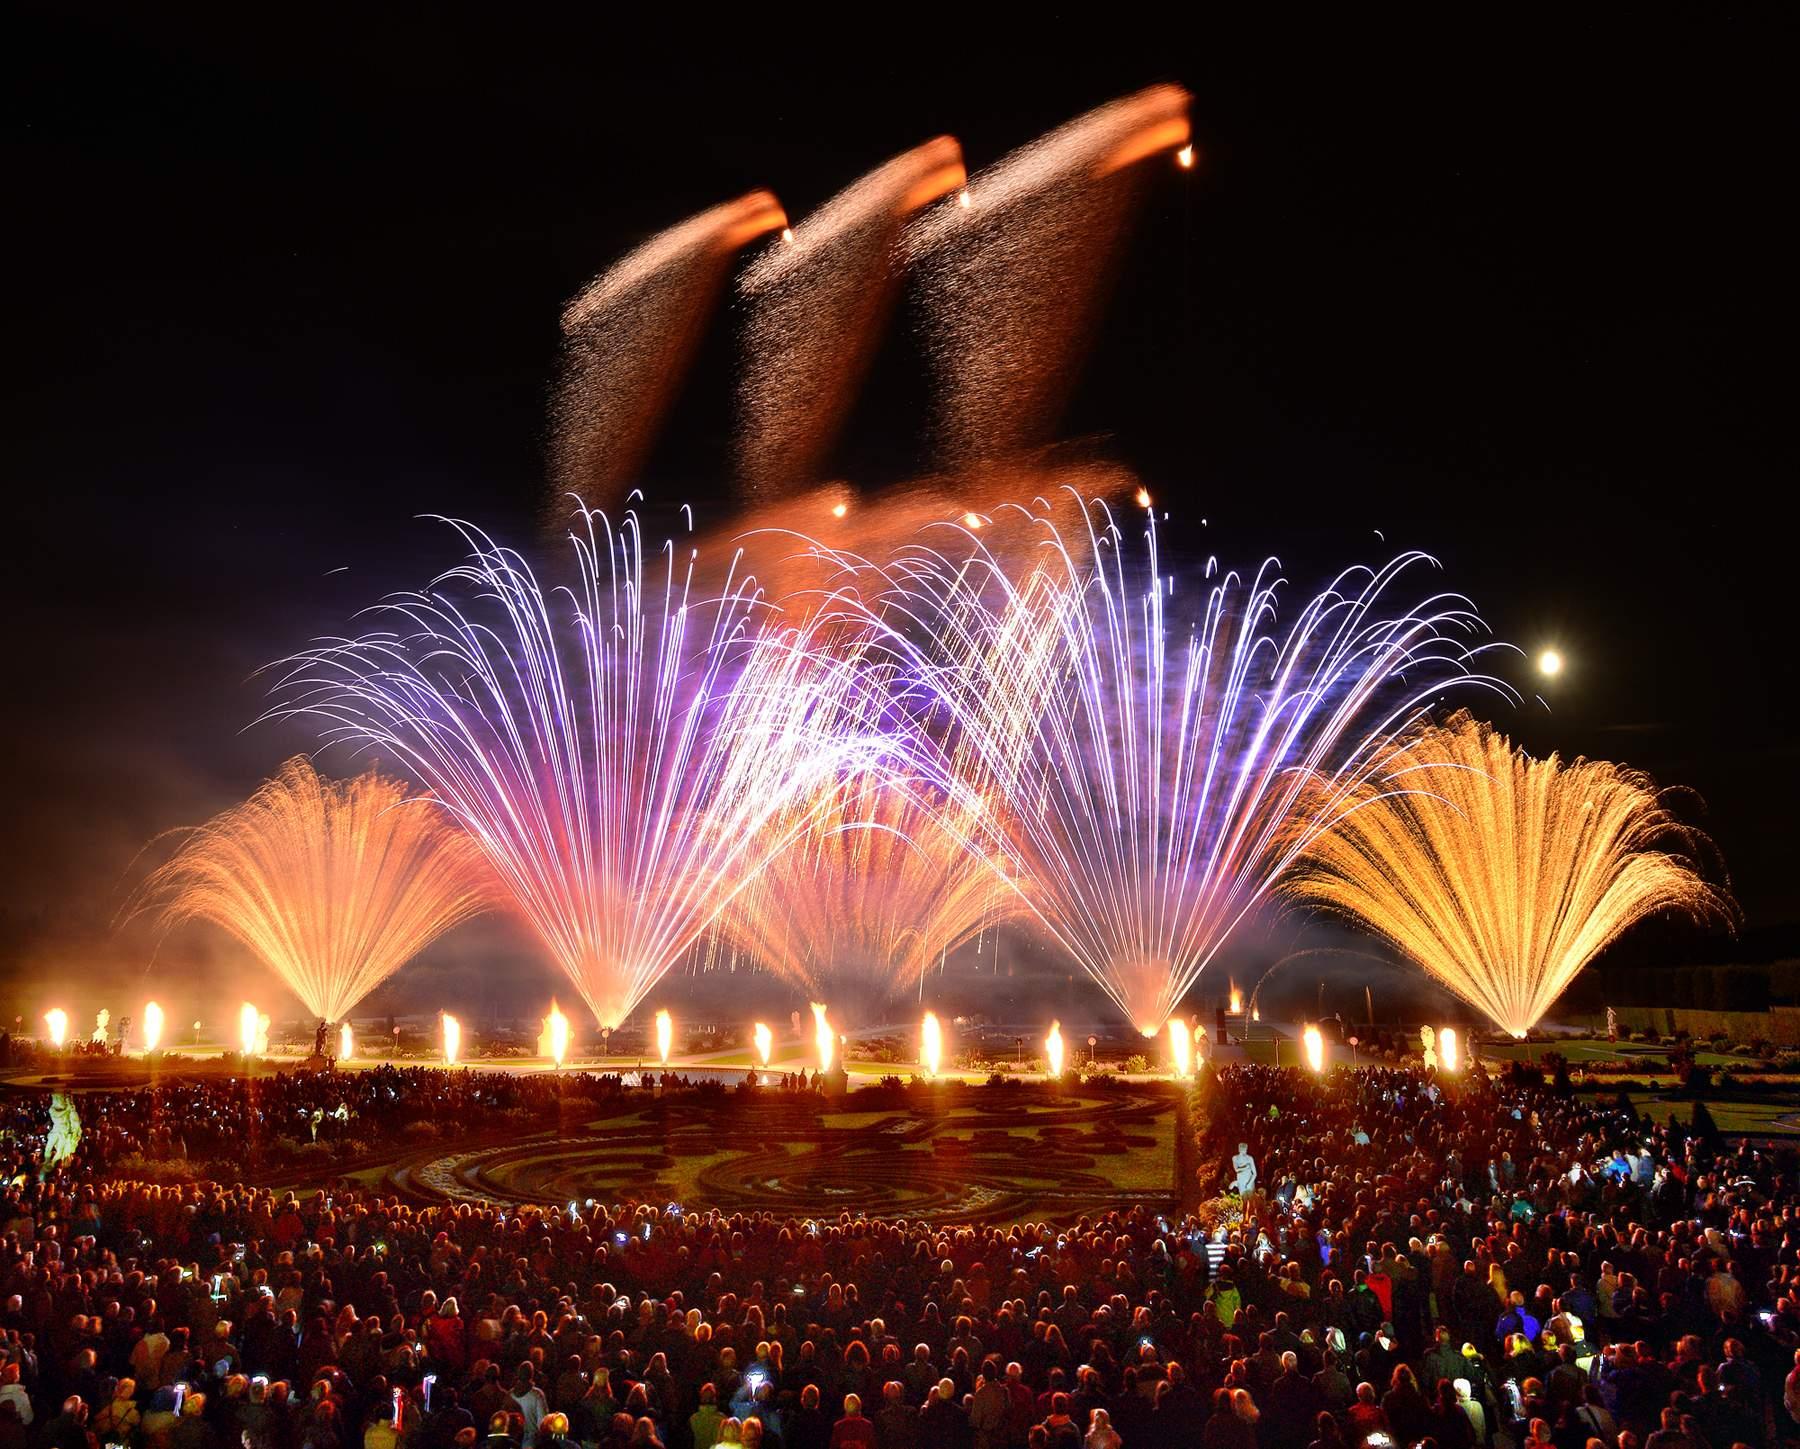 23 internationaler feuerwerkswettbewerb in hannover teilnehmer stehen fest 2573